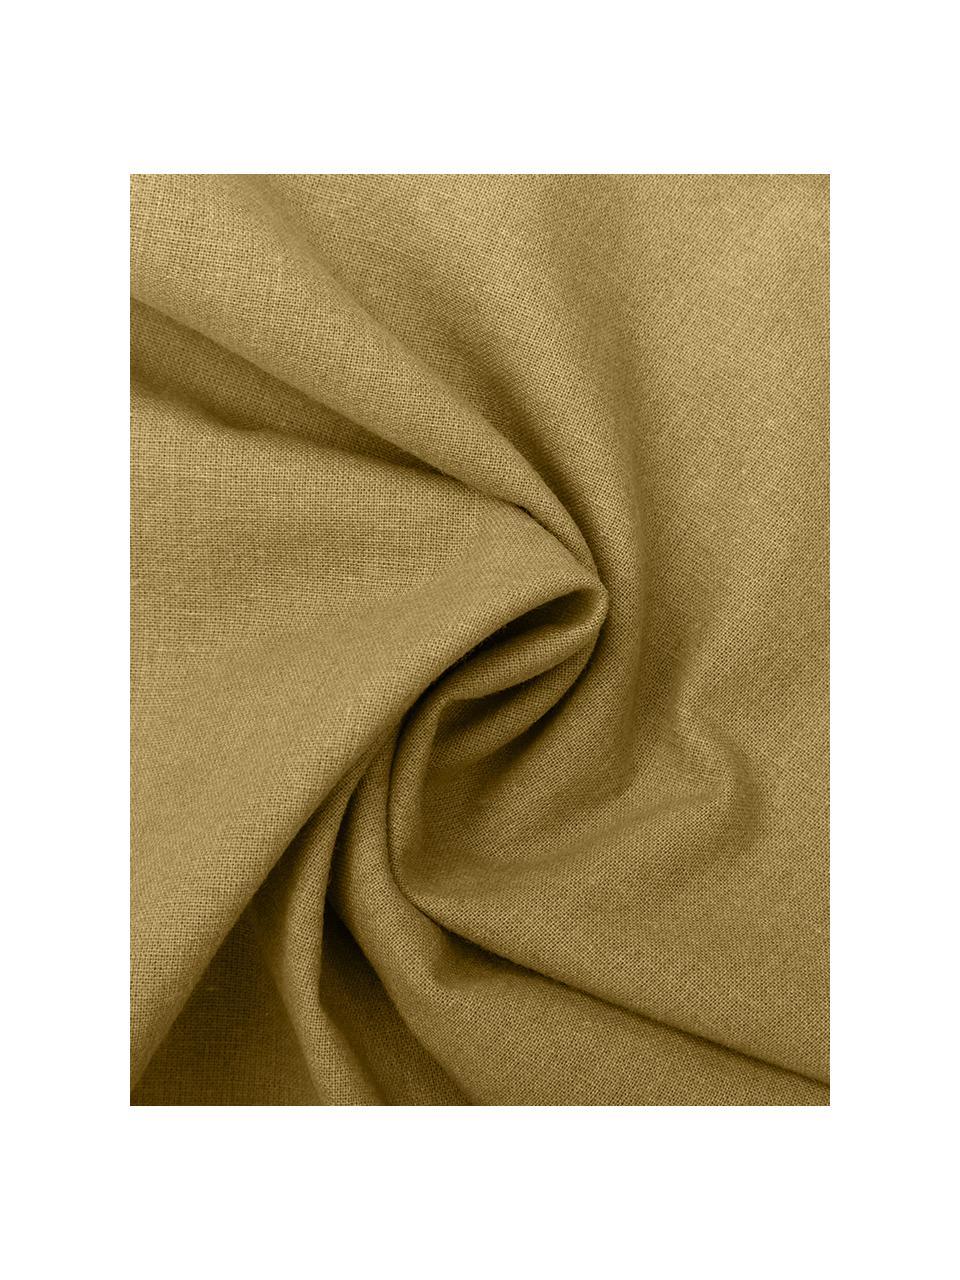 Pościel z bawełny z efektem sprania Arlene, Żółty, 240 x 220 cm + 2 poduszki 80 x 80 cm